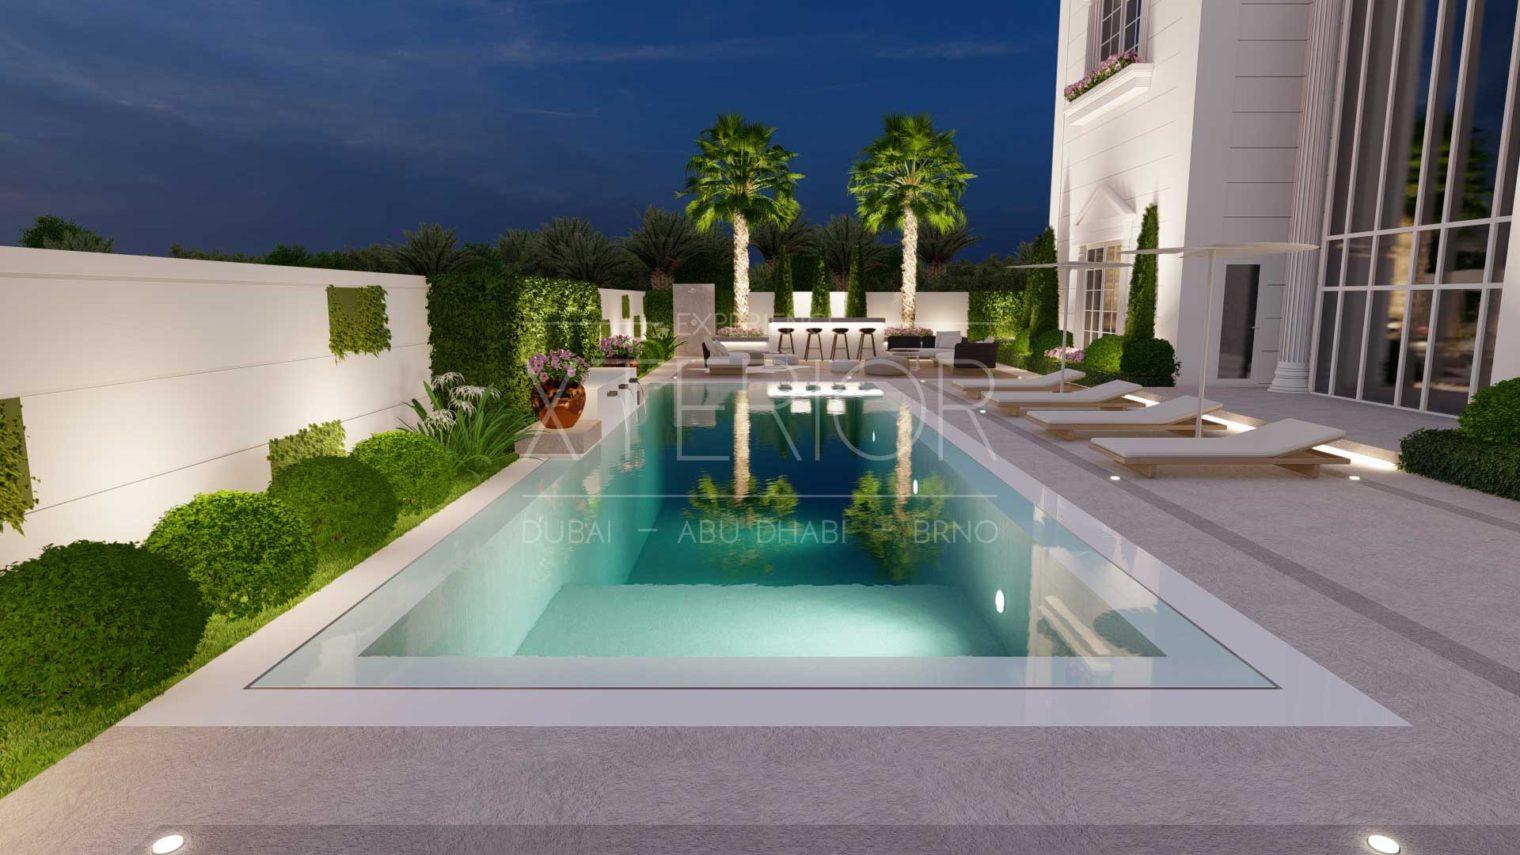 UMM AL SHEIF Outdoor Landscape View Design